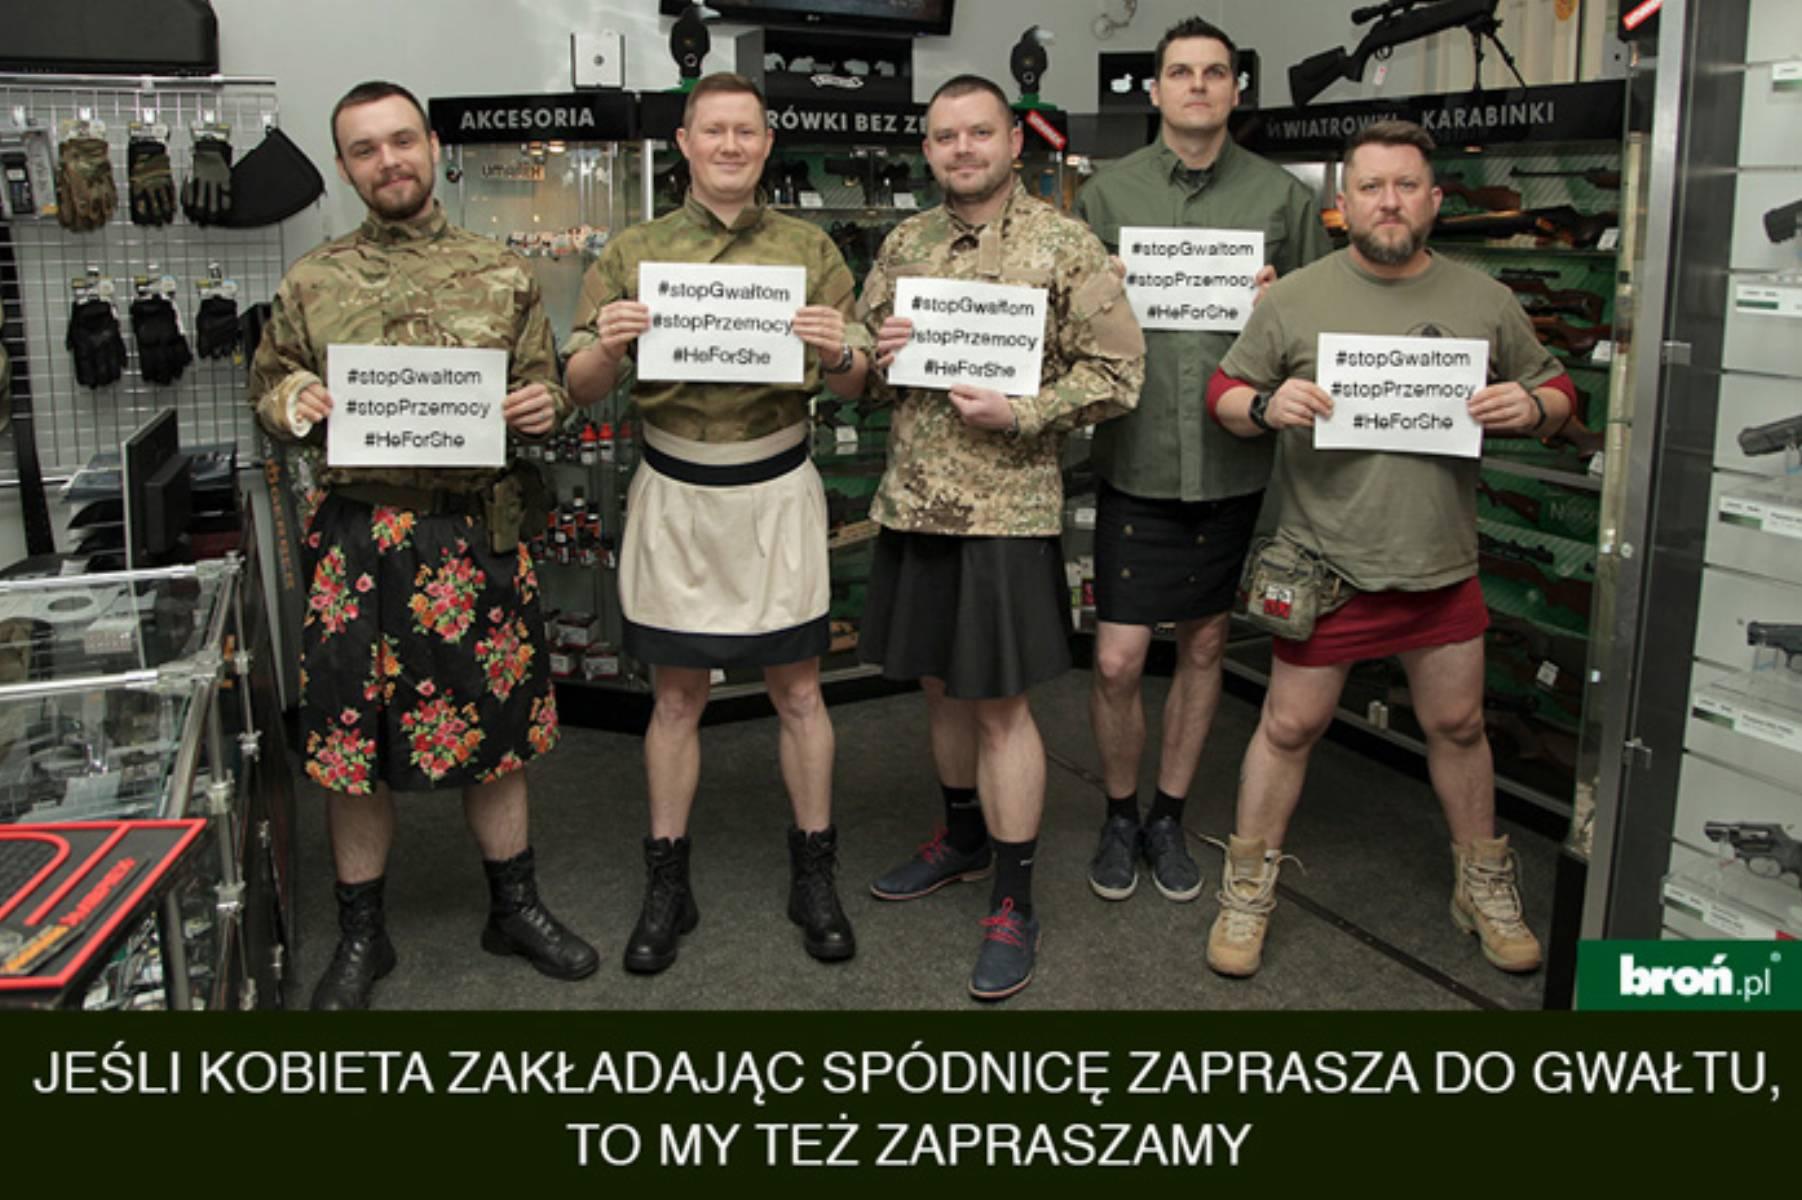 Pracownicy bron.pl wzięli udział w akcji Razem przeciw kulturze gwałtu (mat. pras.)